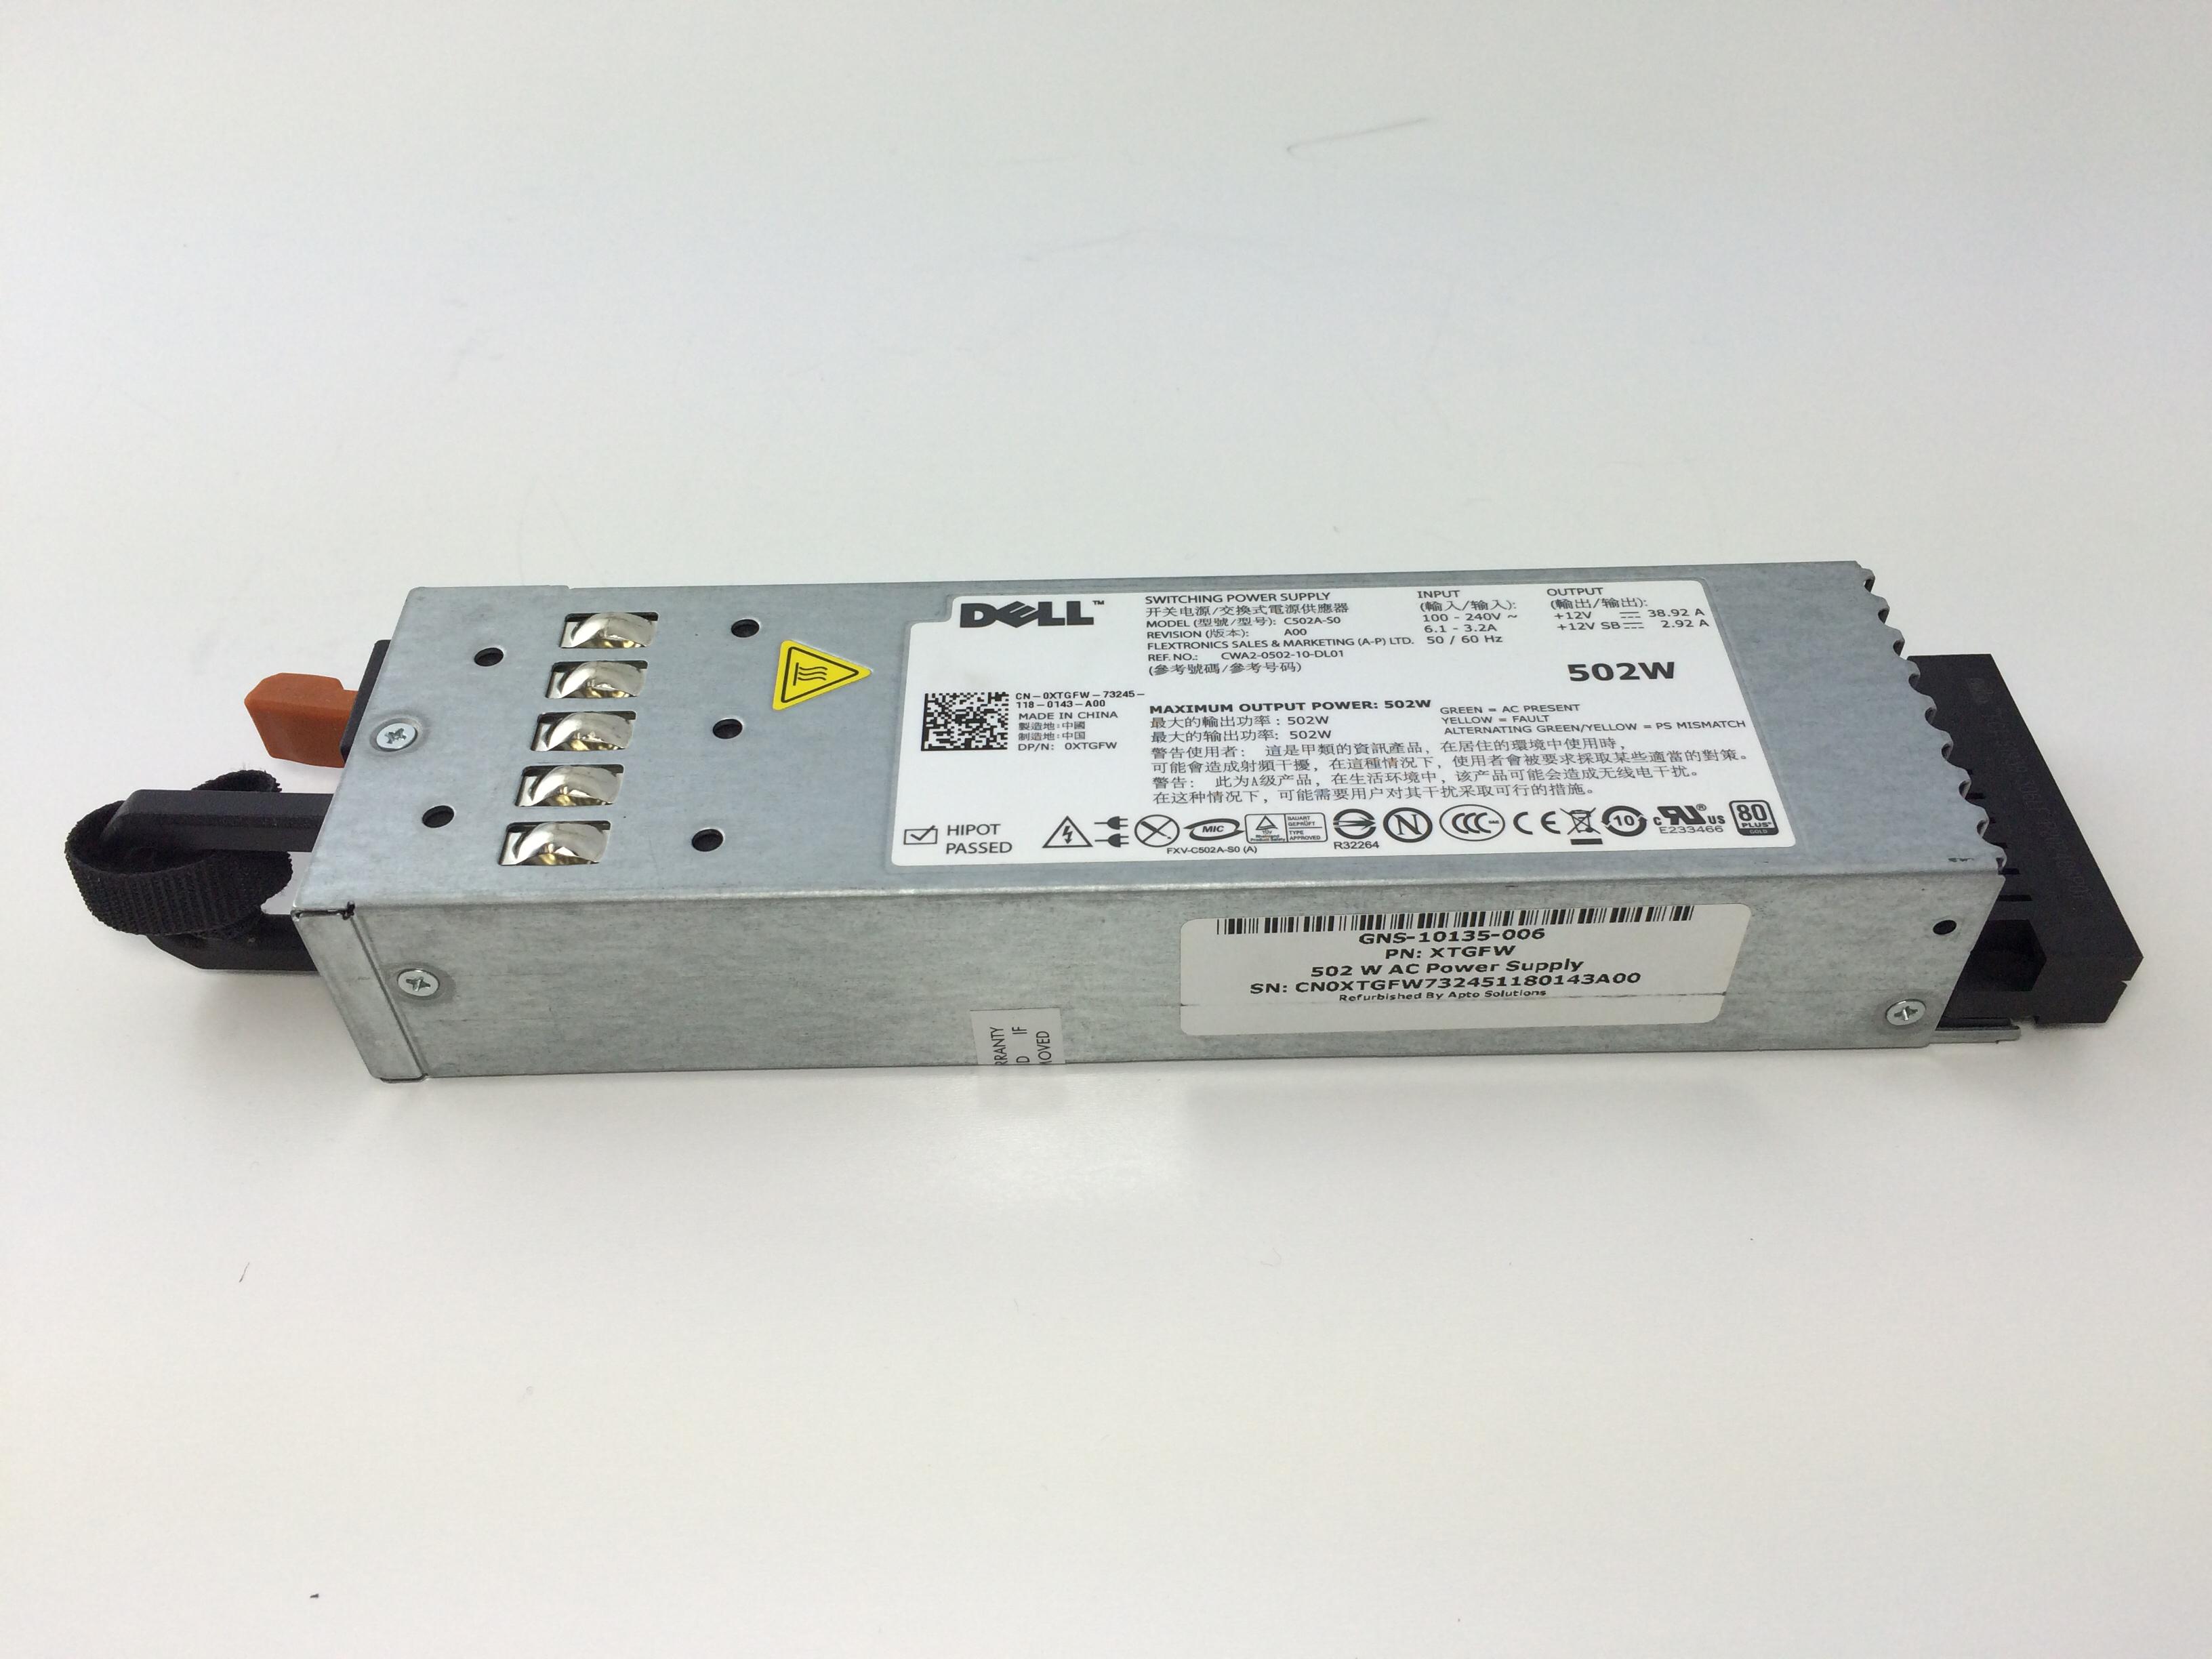 XTGFW Dell PowerEdge R610 502W Power Supply (XTGFW)